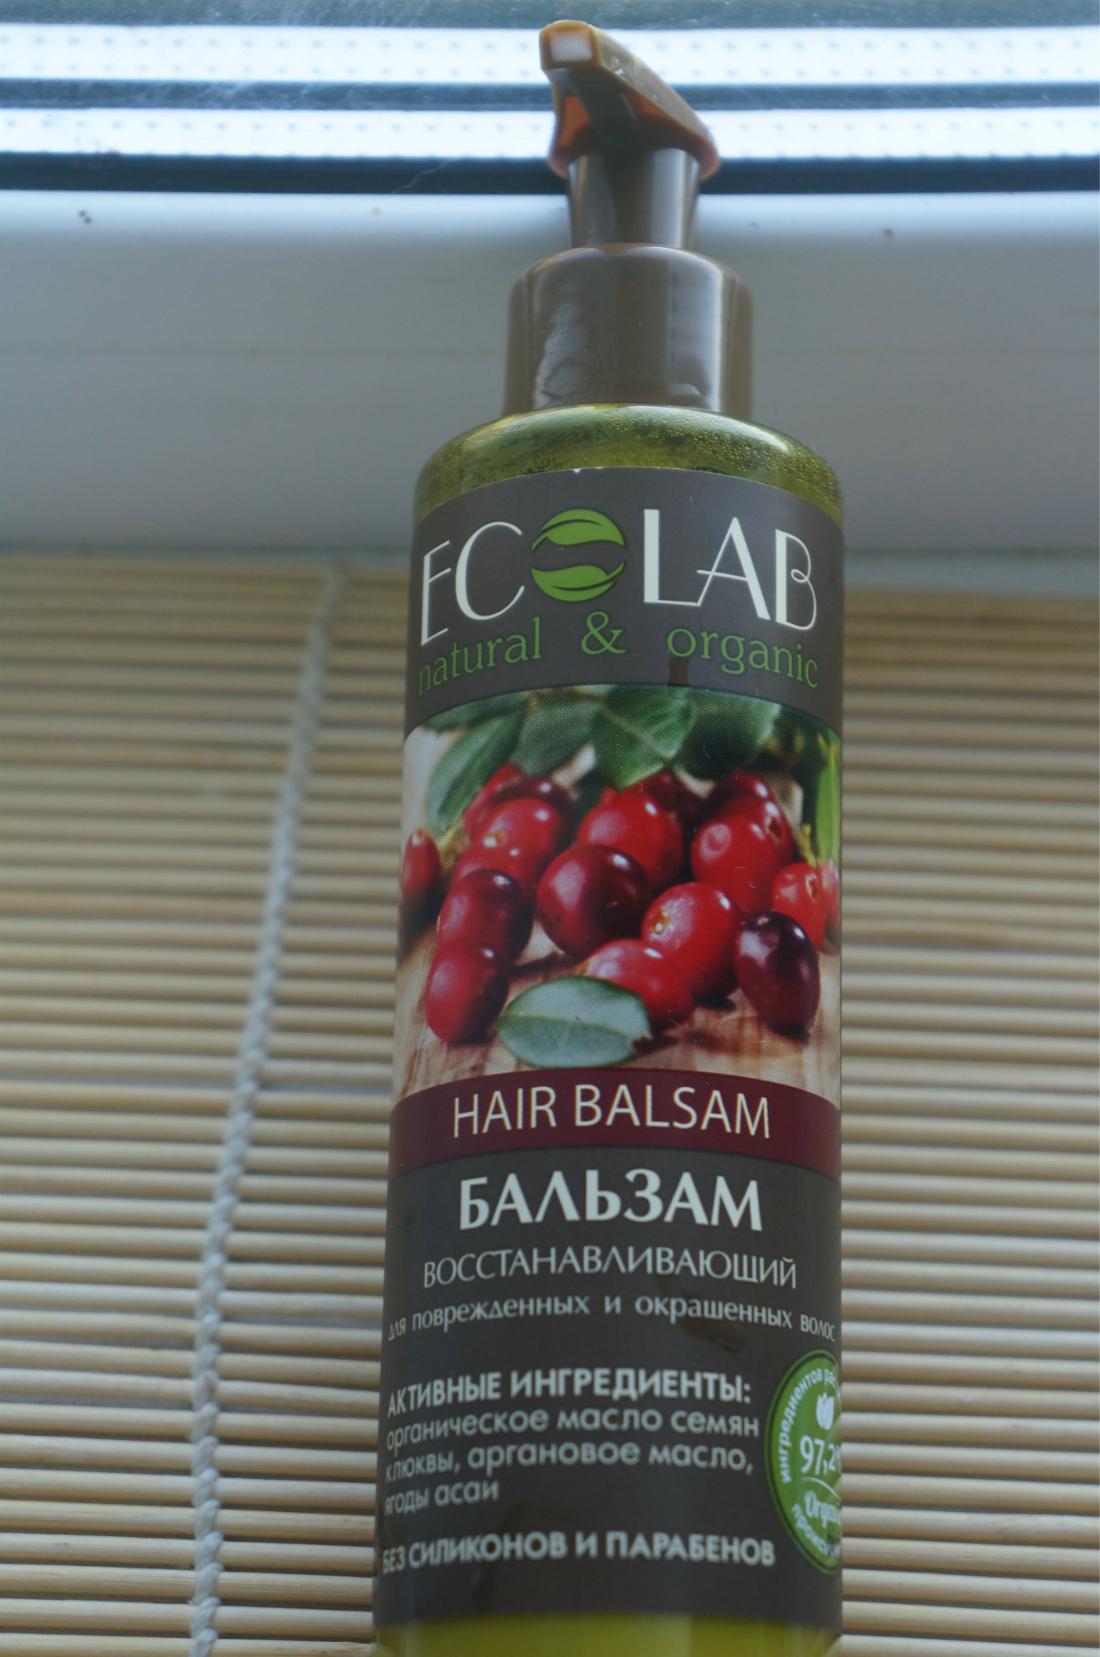 Бальзам для волос ecolab отзывы